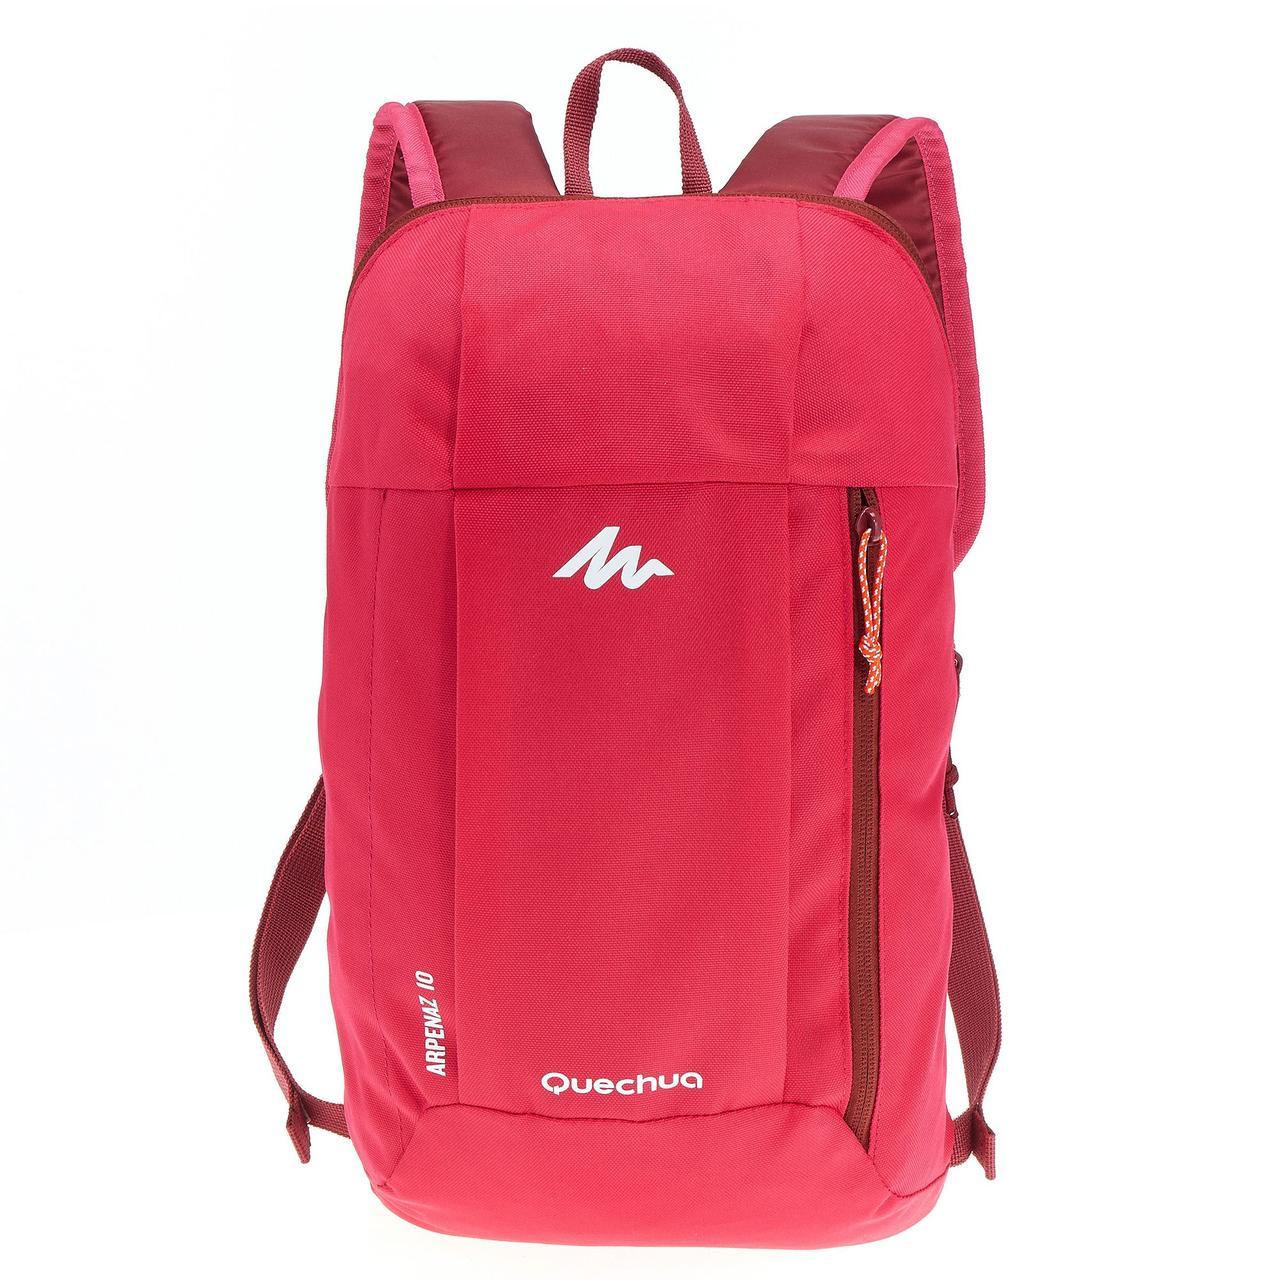 Городской рюкзак Quechua 10л. красный (рюкзак для спорта, спортивные р